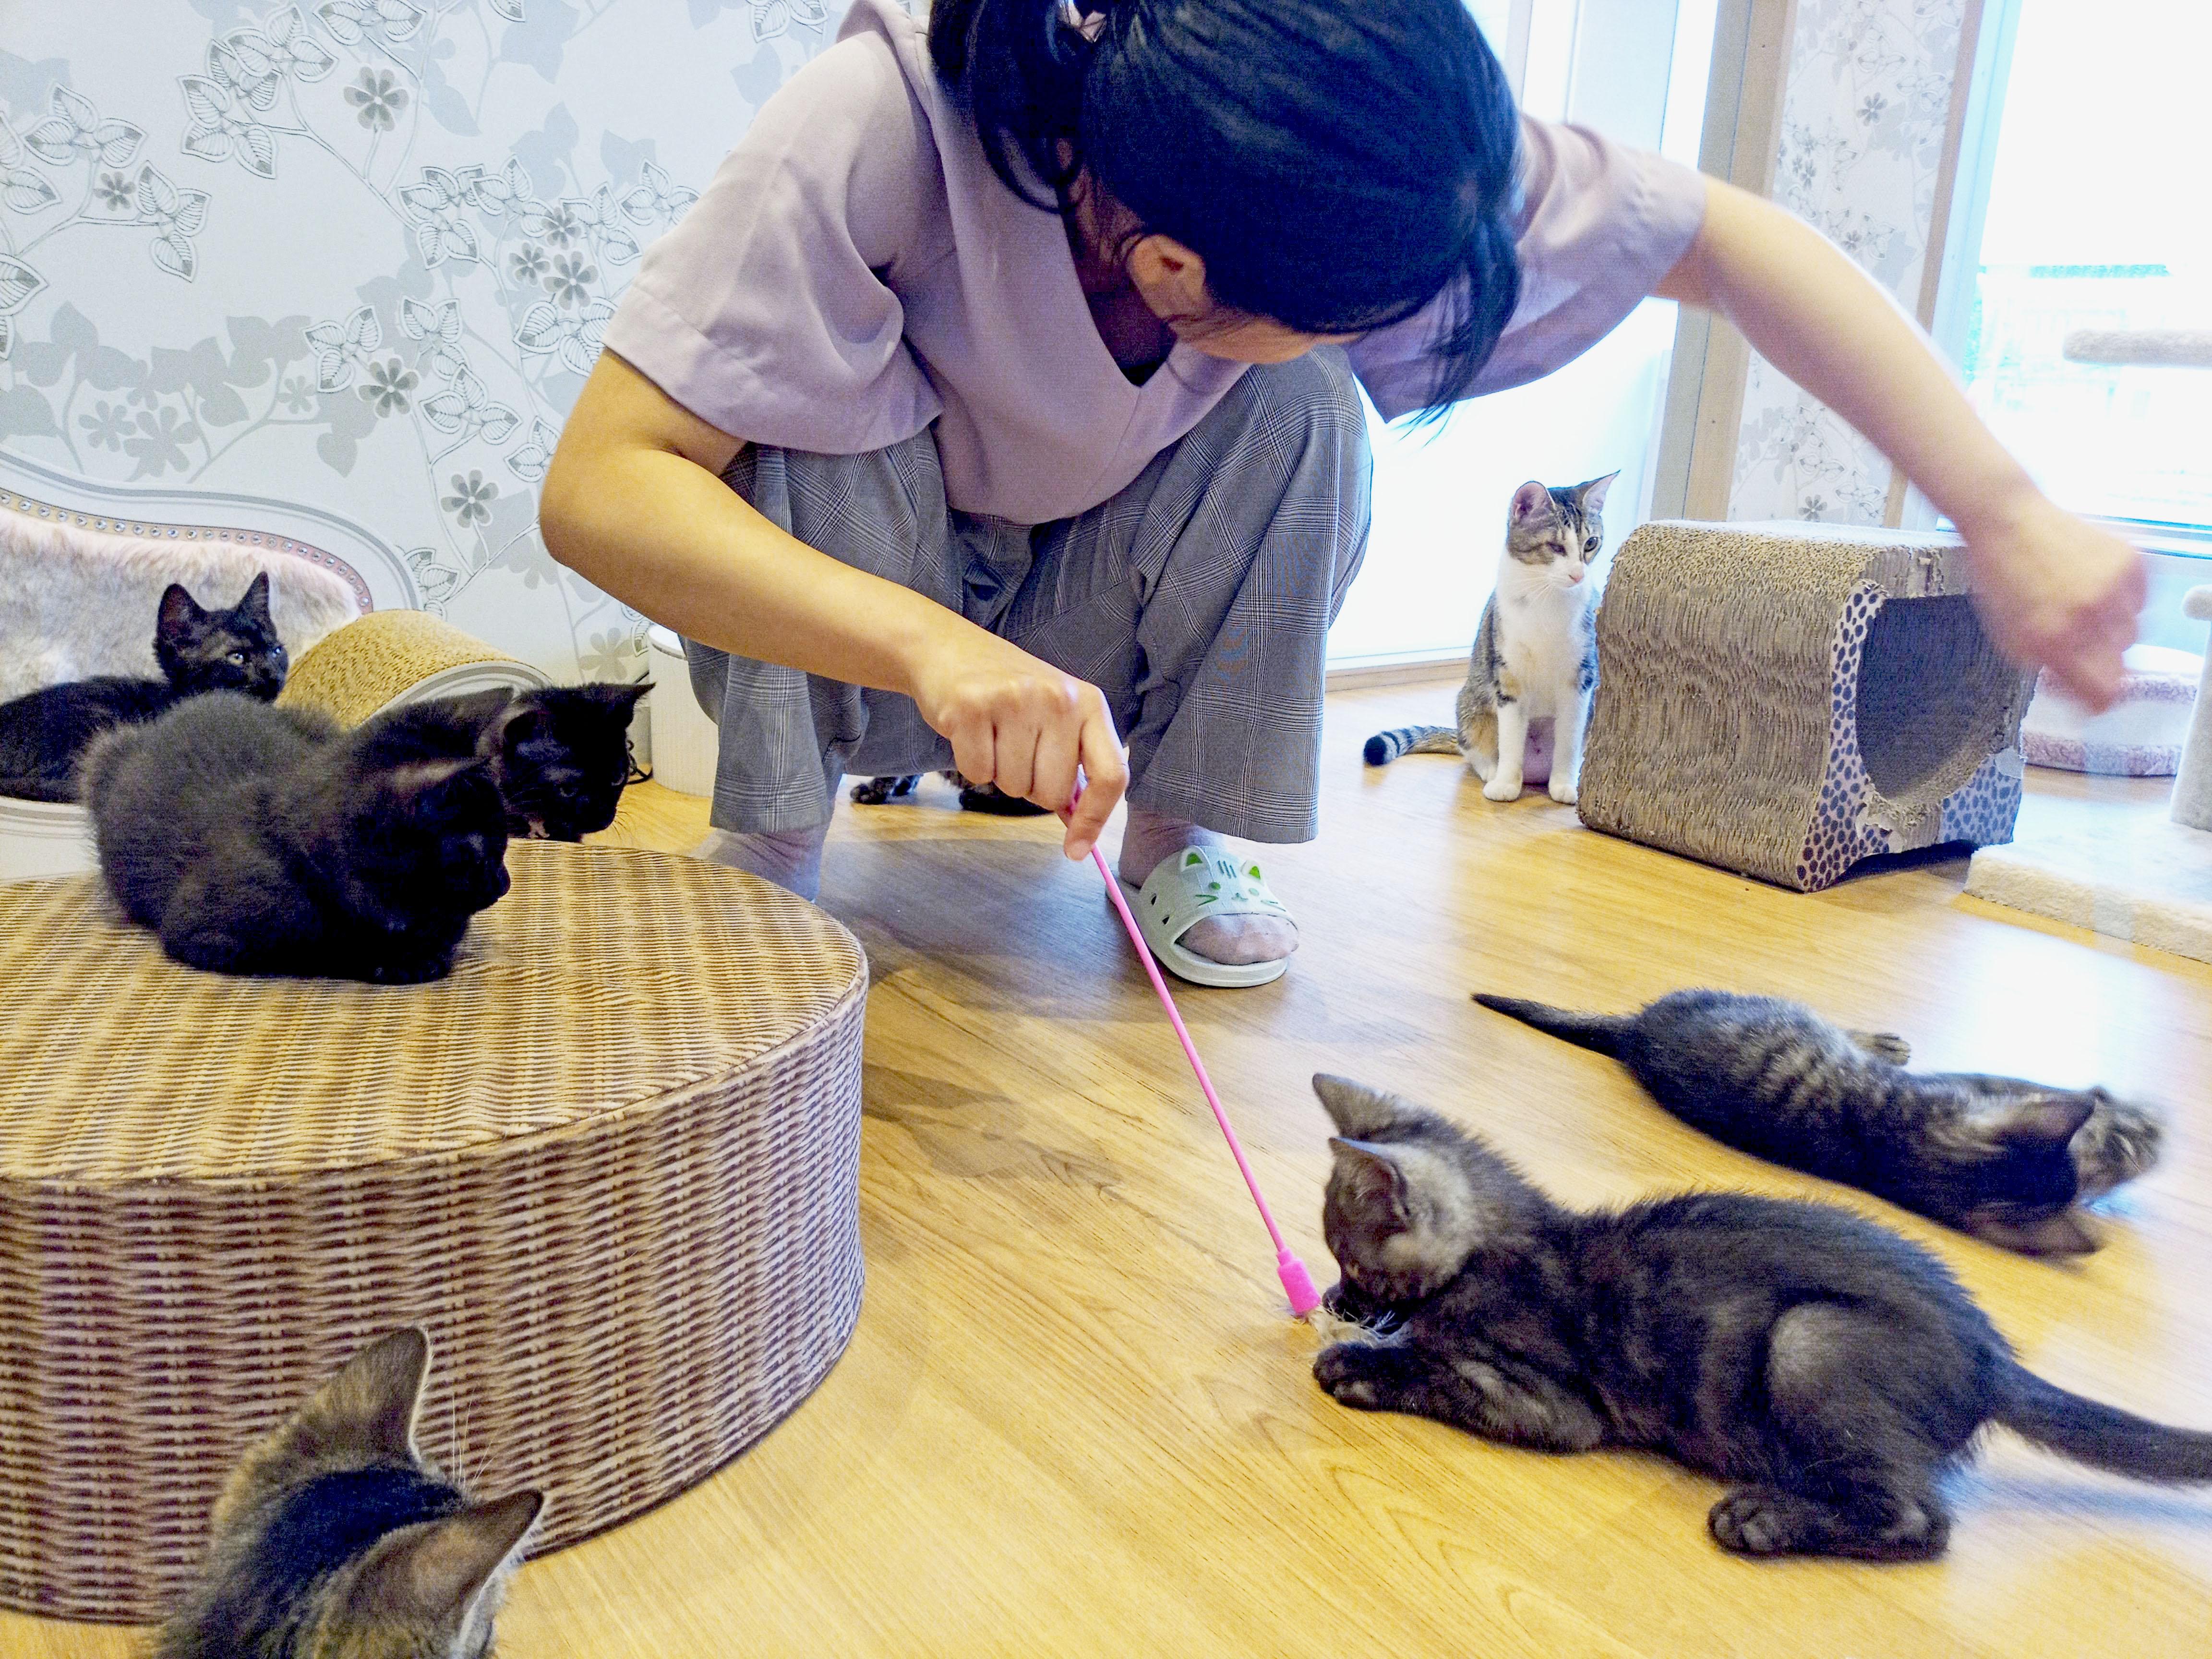 """かわいい""""子猫の幼稚園""""!岡崎に保護猫カフェ「Chaton」がオープン、猫好きライターが実際に行ってきました! - 19E8D962 C687 4455 8ED6 667D430B7E28 1"""